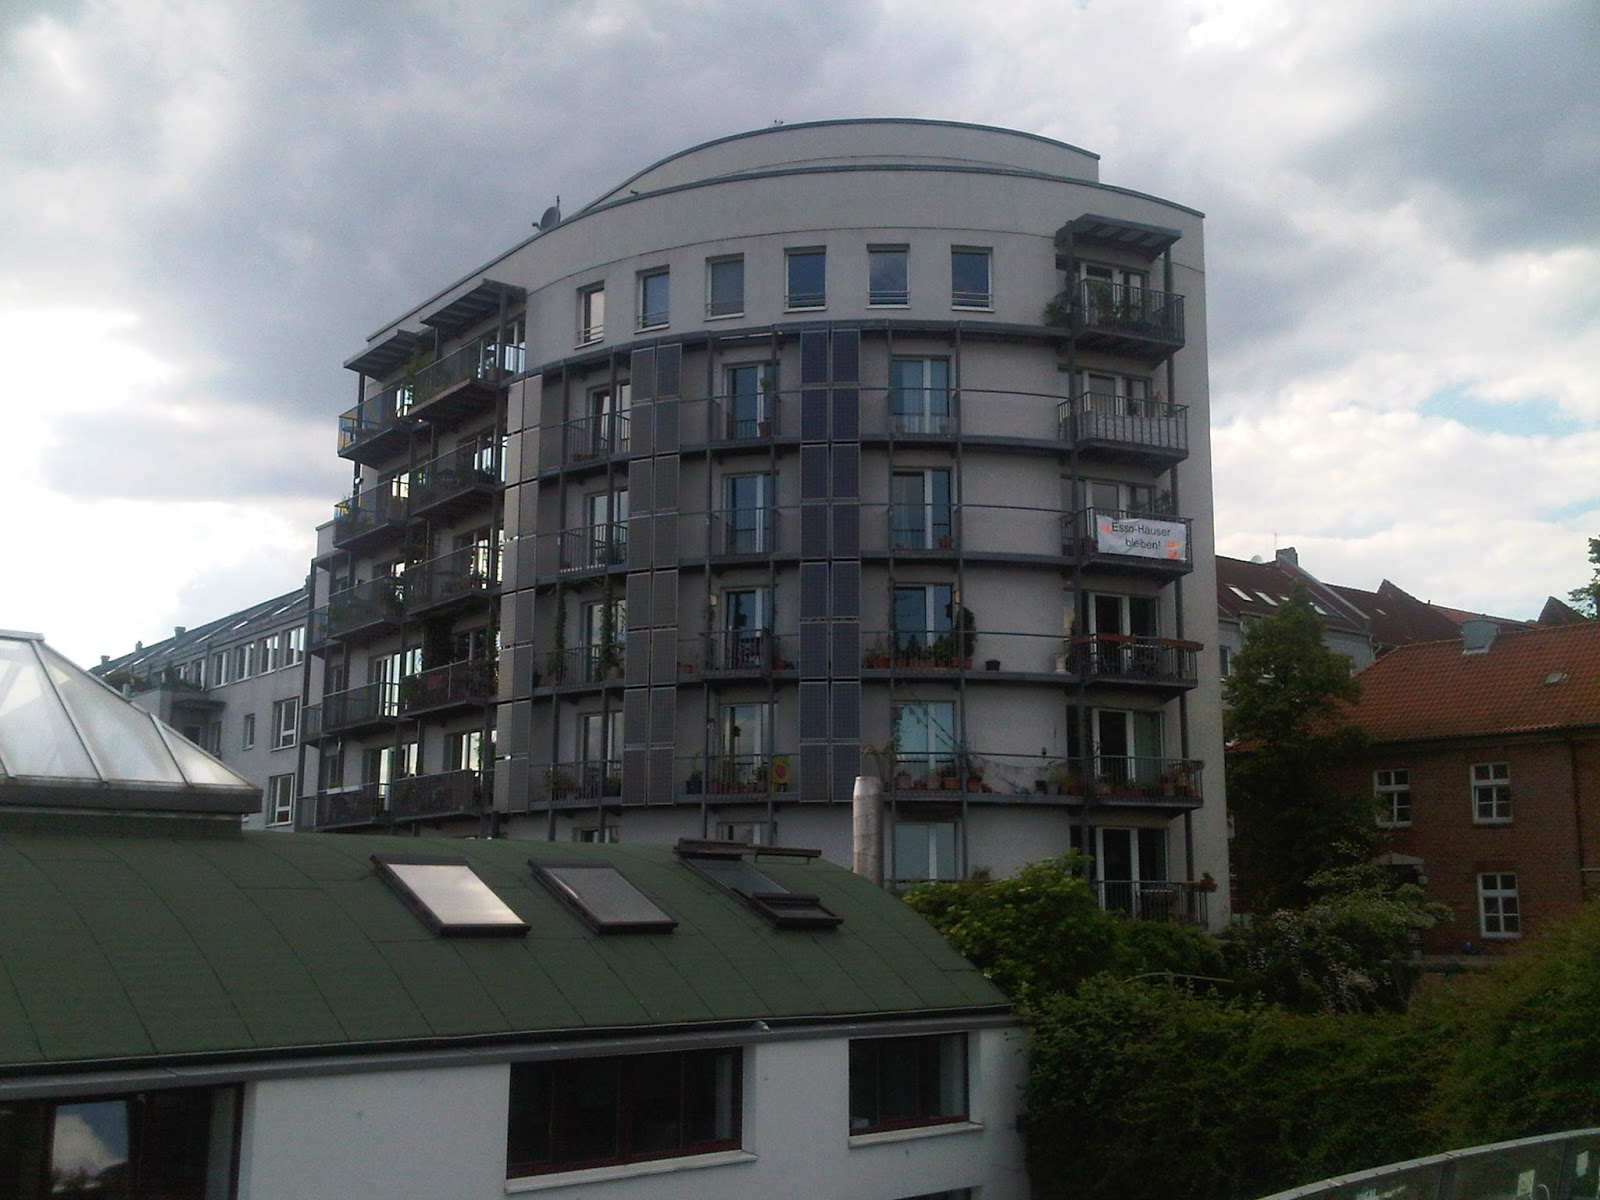 Ein Wohnhaus direkt am Park Fiction. Esso-Haus-Demonstrations-Schild. Balkone.